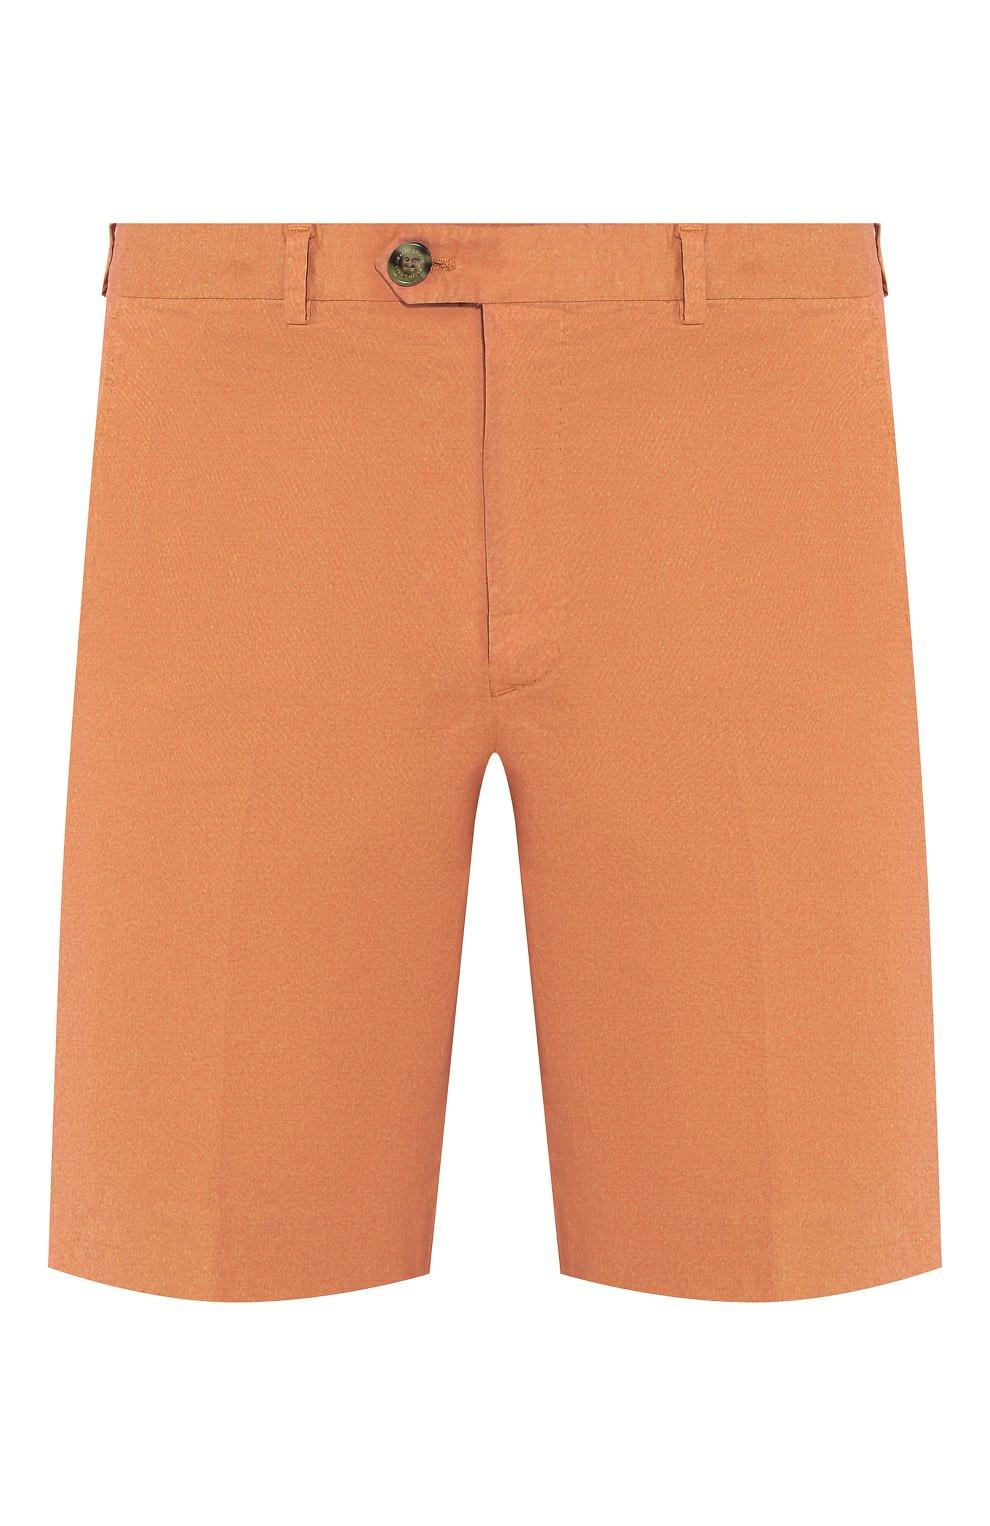 Мужские хлопковые шорты RALPH LAUREN оранжевого цвета, арт. 790800040 | Фото 1